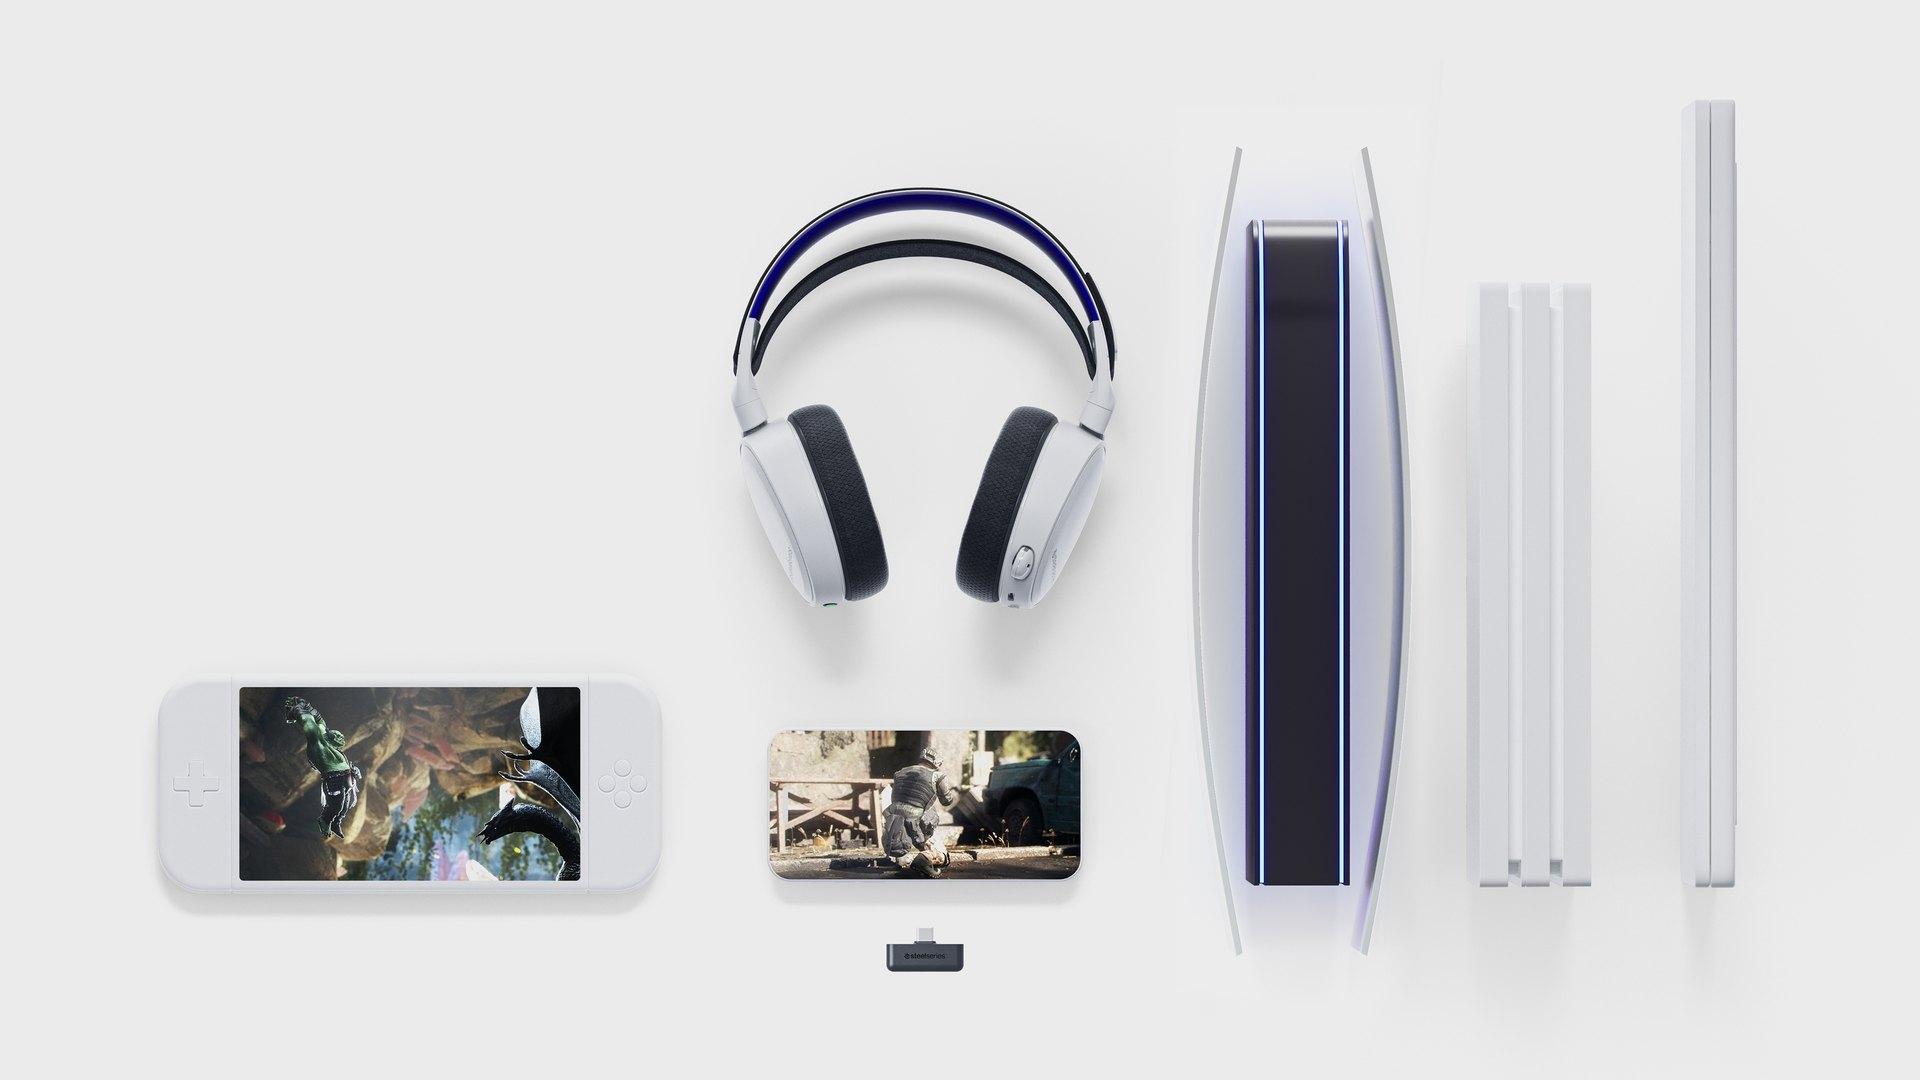 Tai nghe Steelseries Arctis 7P White WL HS-00021 - 61467 tương thích với nhiều loại thiết bị